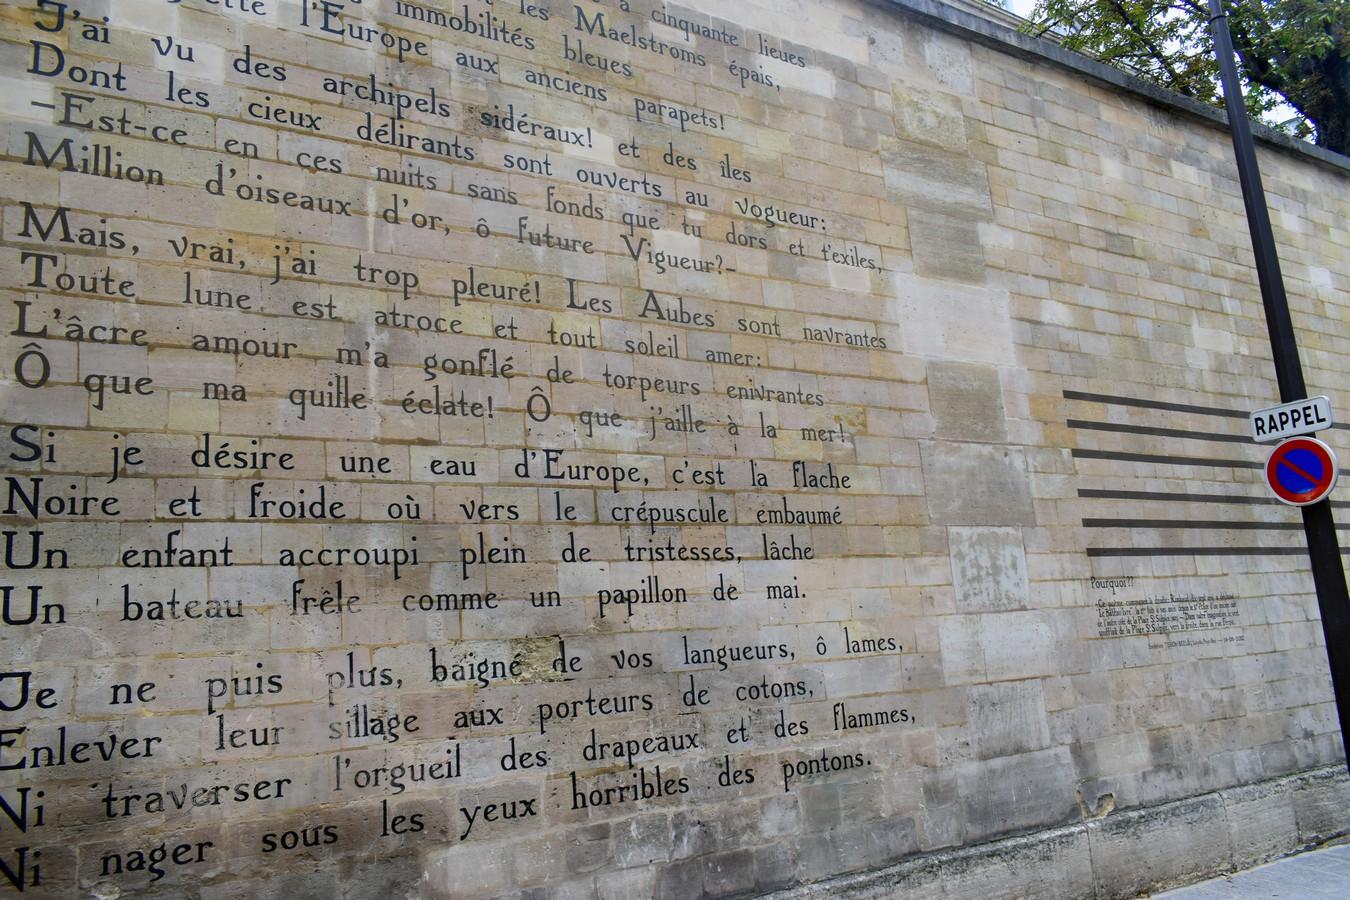 The Drunken Boat, Arthur Rimbaud poem on a wall Rue Férou, Paris